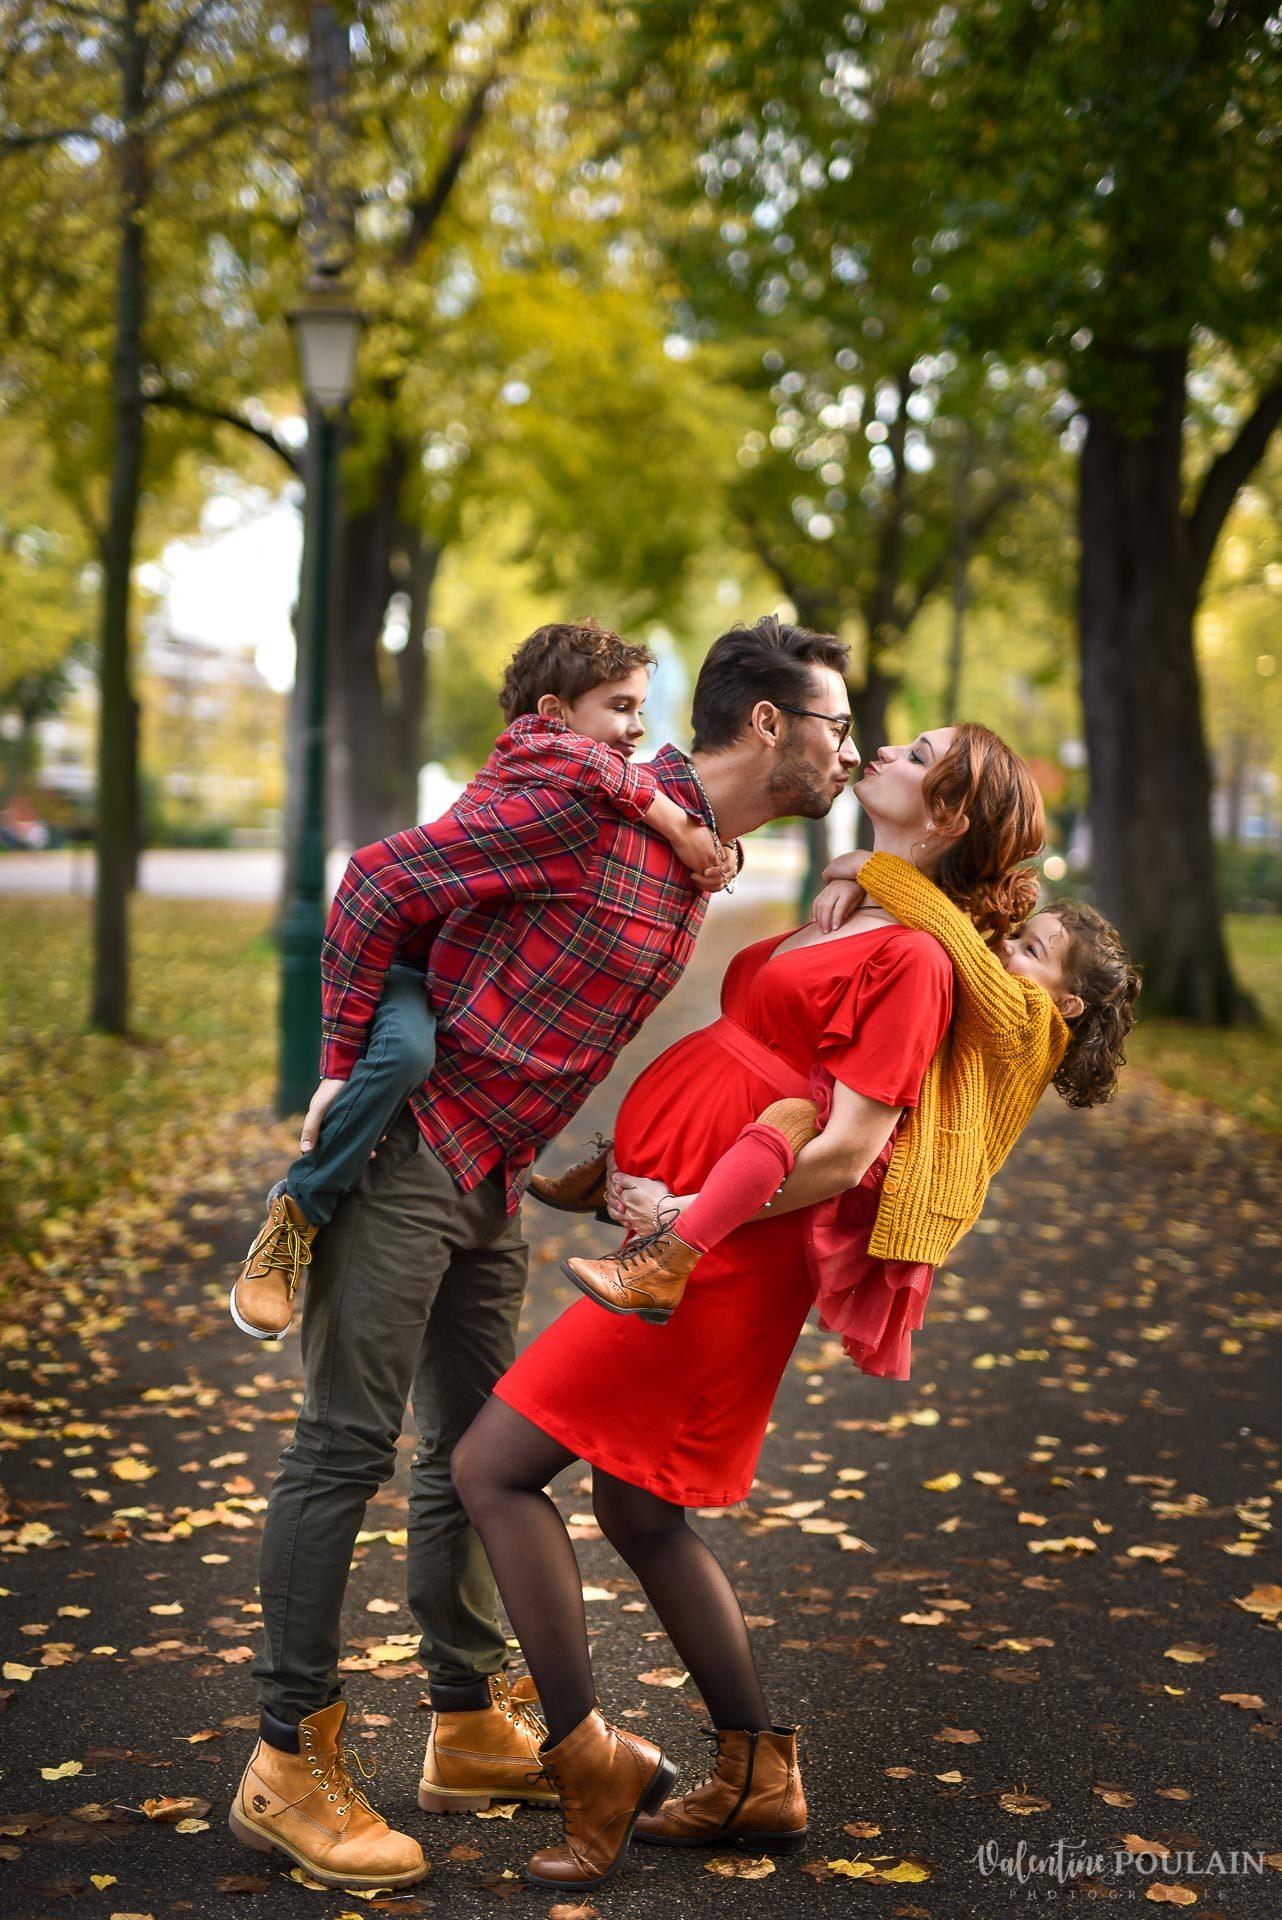 Séance famille automne Colmar nature - Valentine Poulain